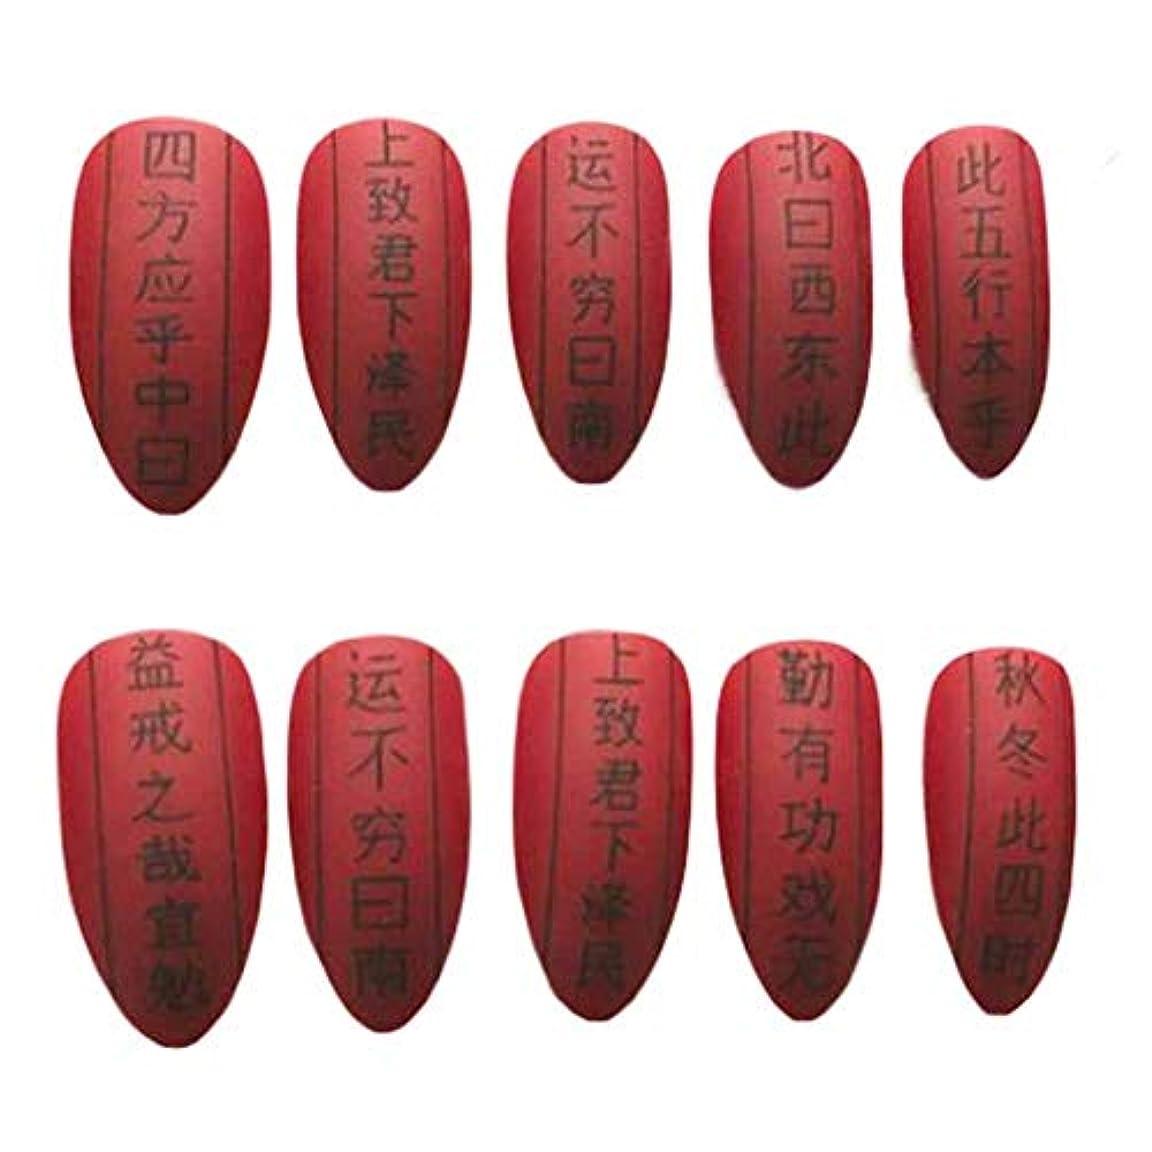 リンス摂氏翻訳者三字経 - 赤い偽の指爪人工爪の装飾の爪のヒント